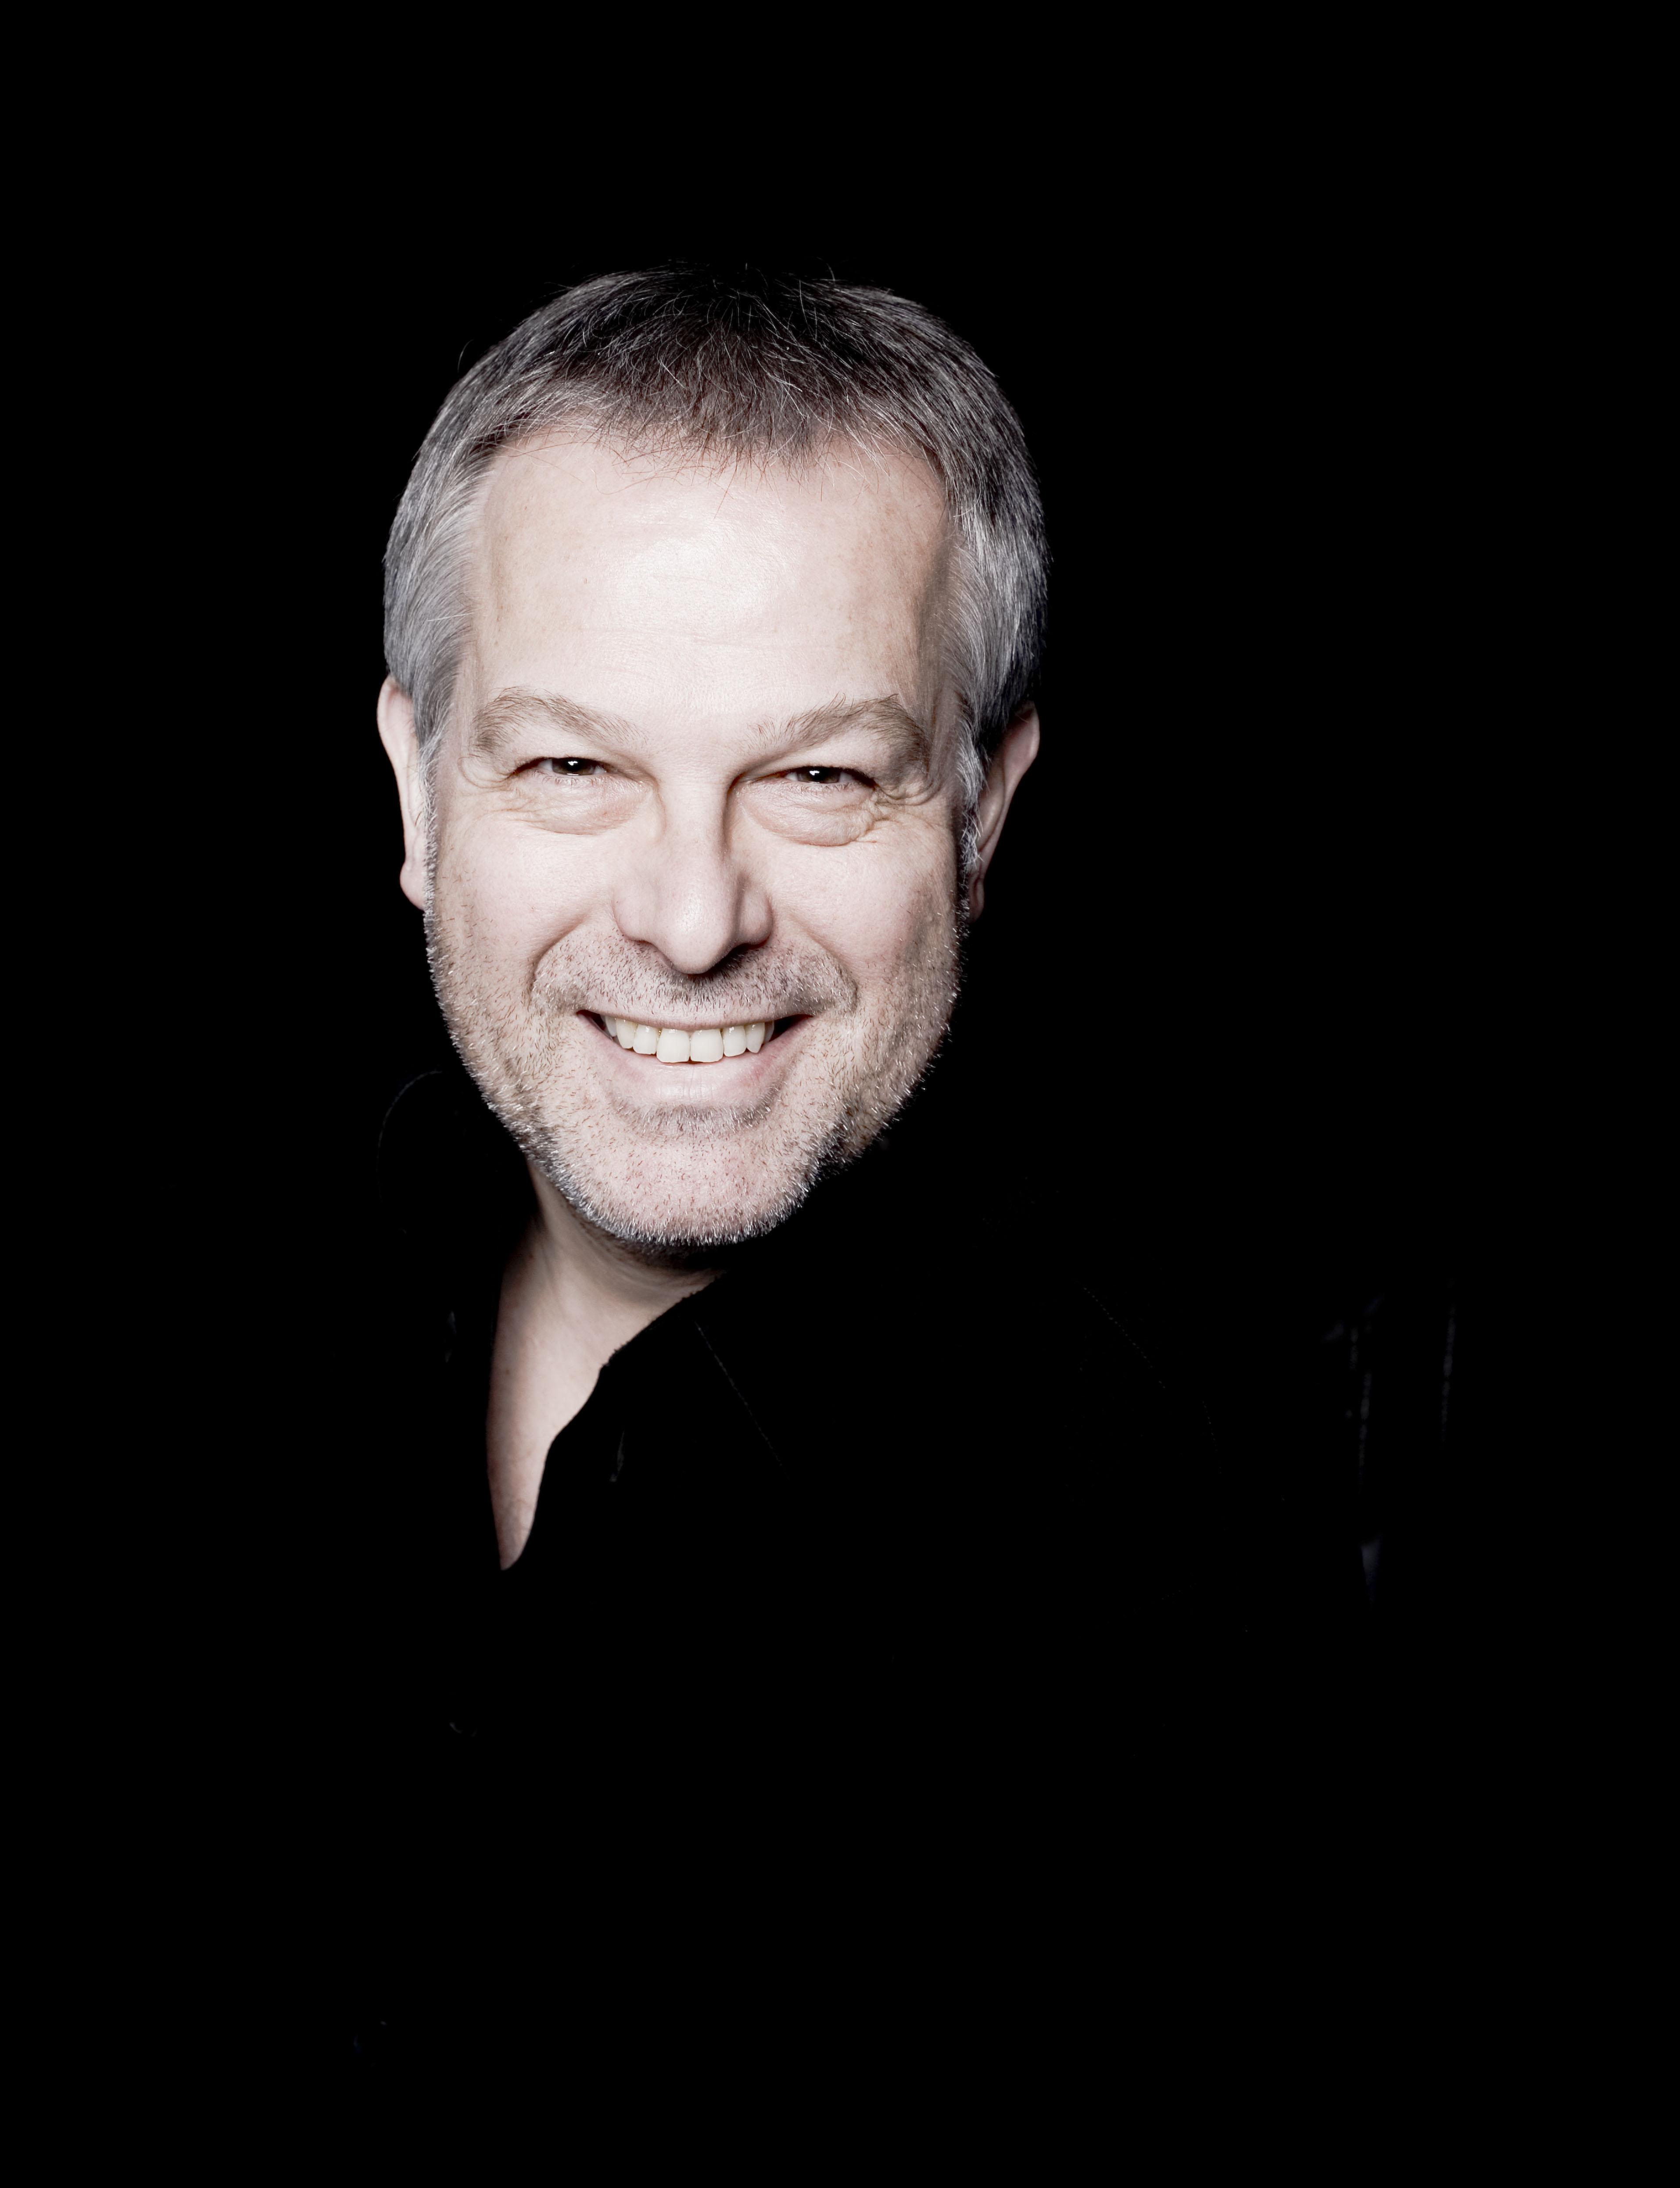 Pregardien, Sänger Dirigent. Mozart Requiem. Matthias Bruns Violinist Konzert Teaching